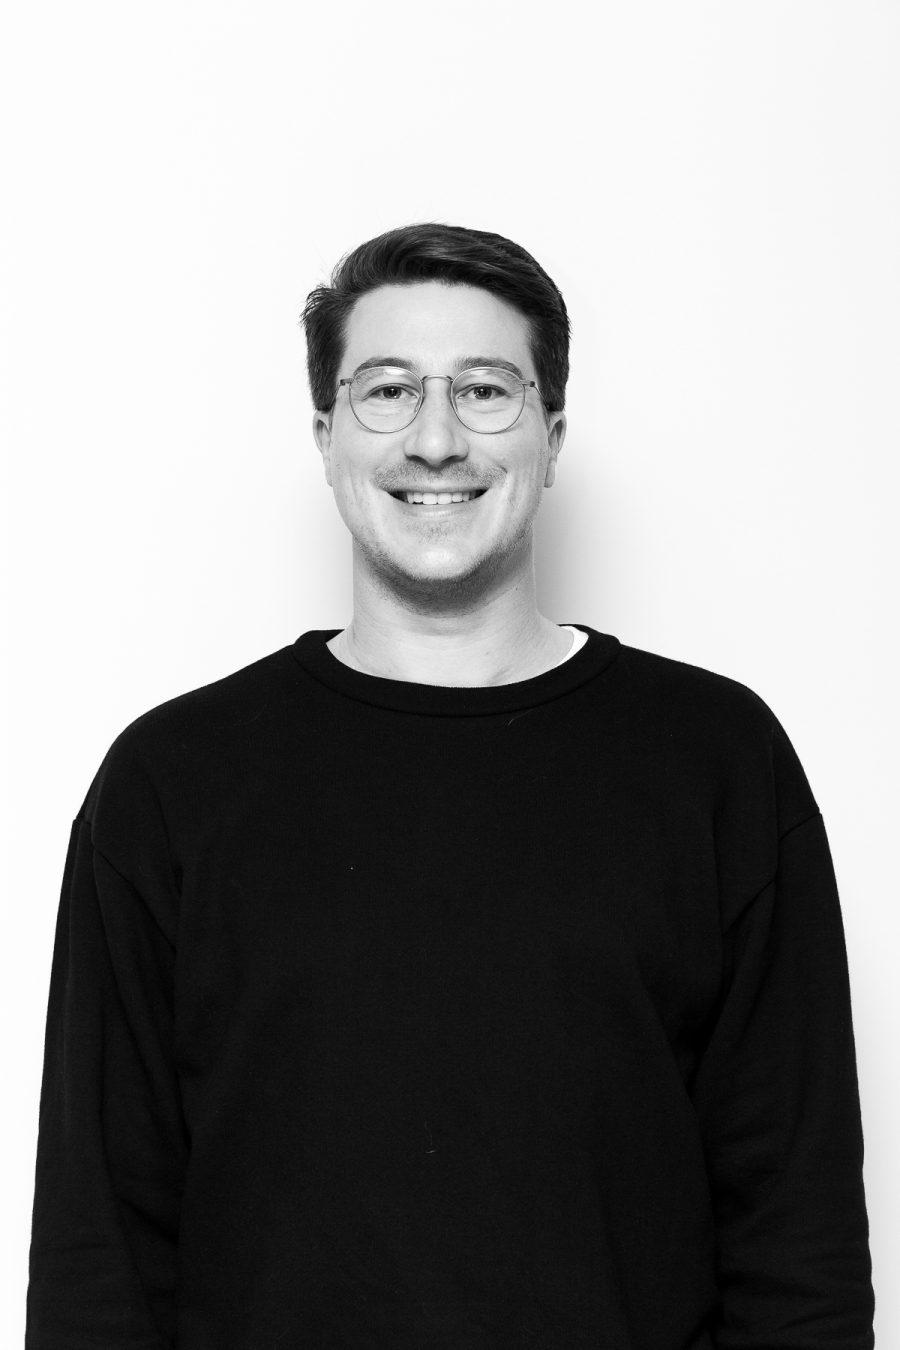 Mathieu Cieters